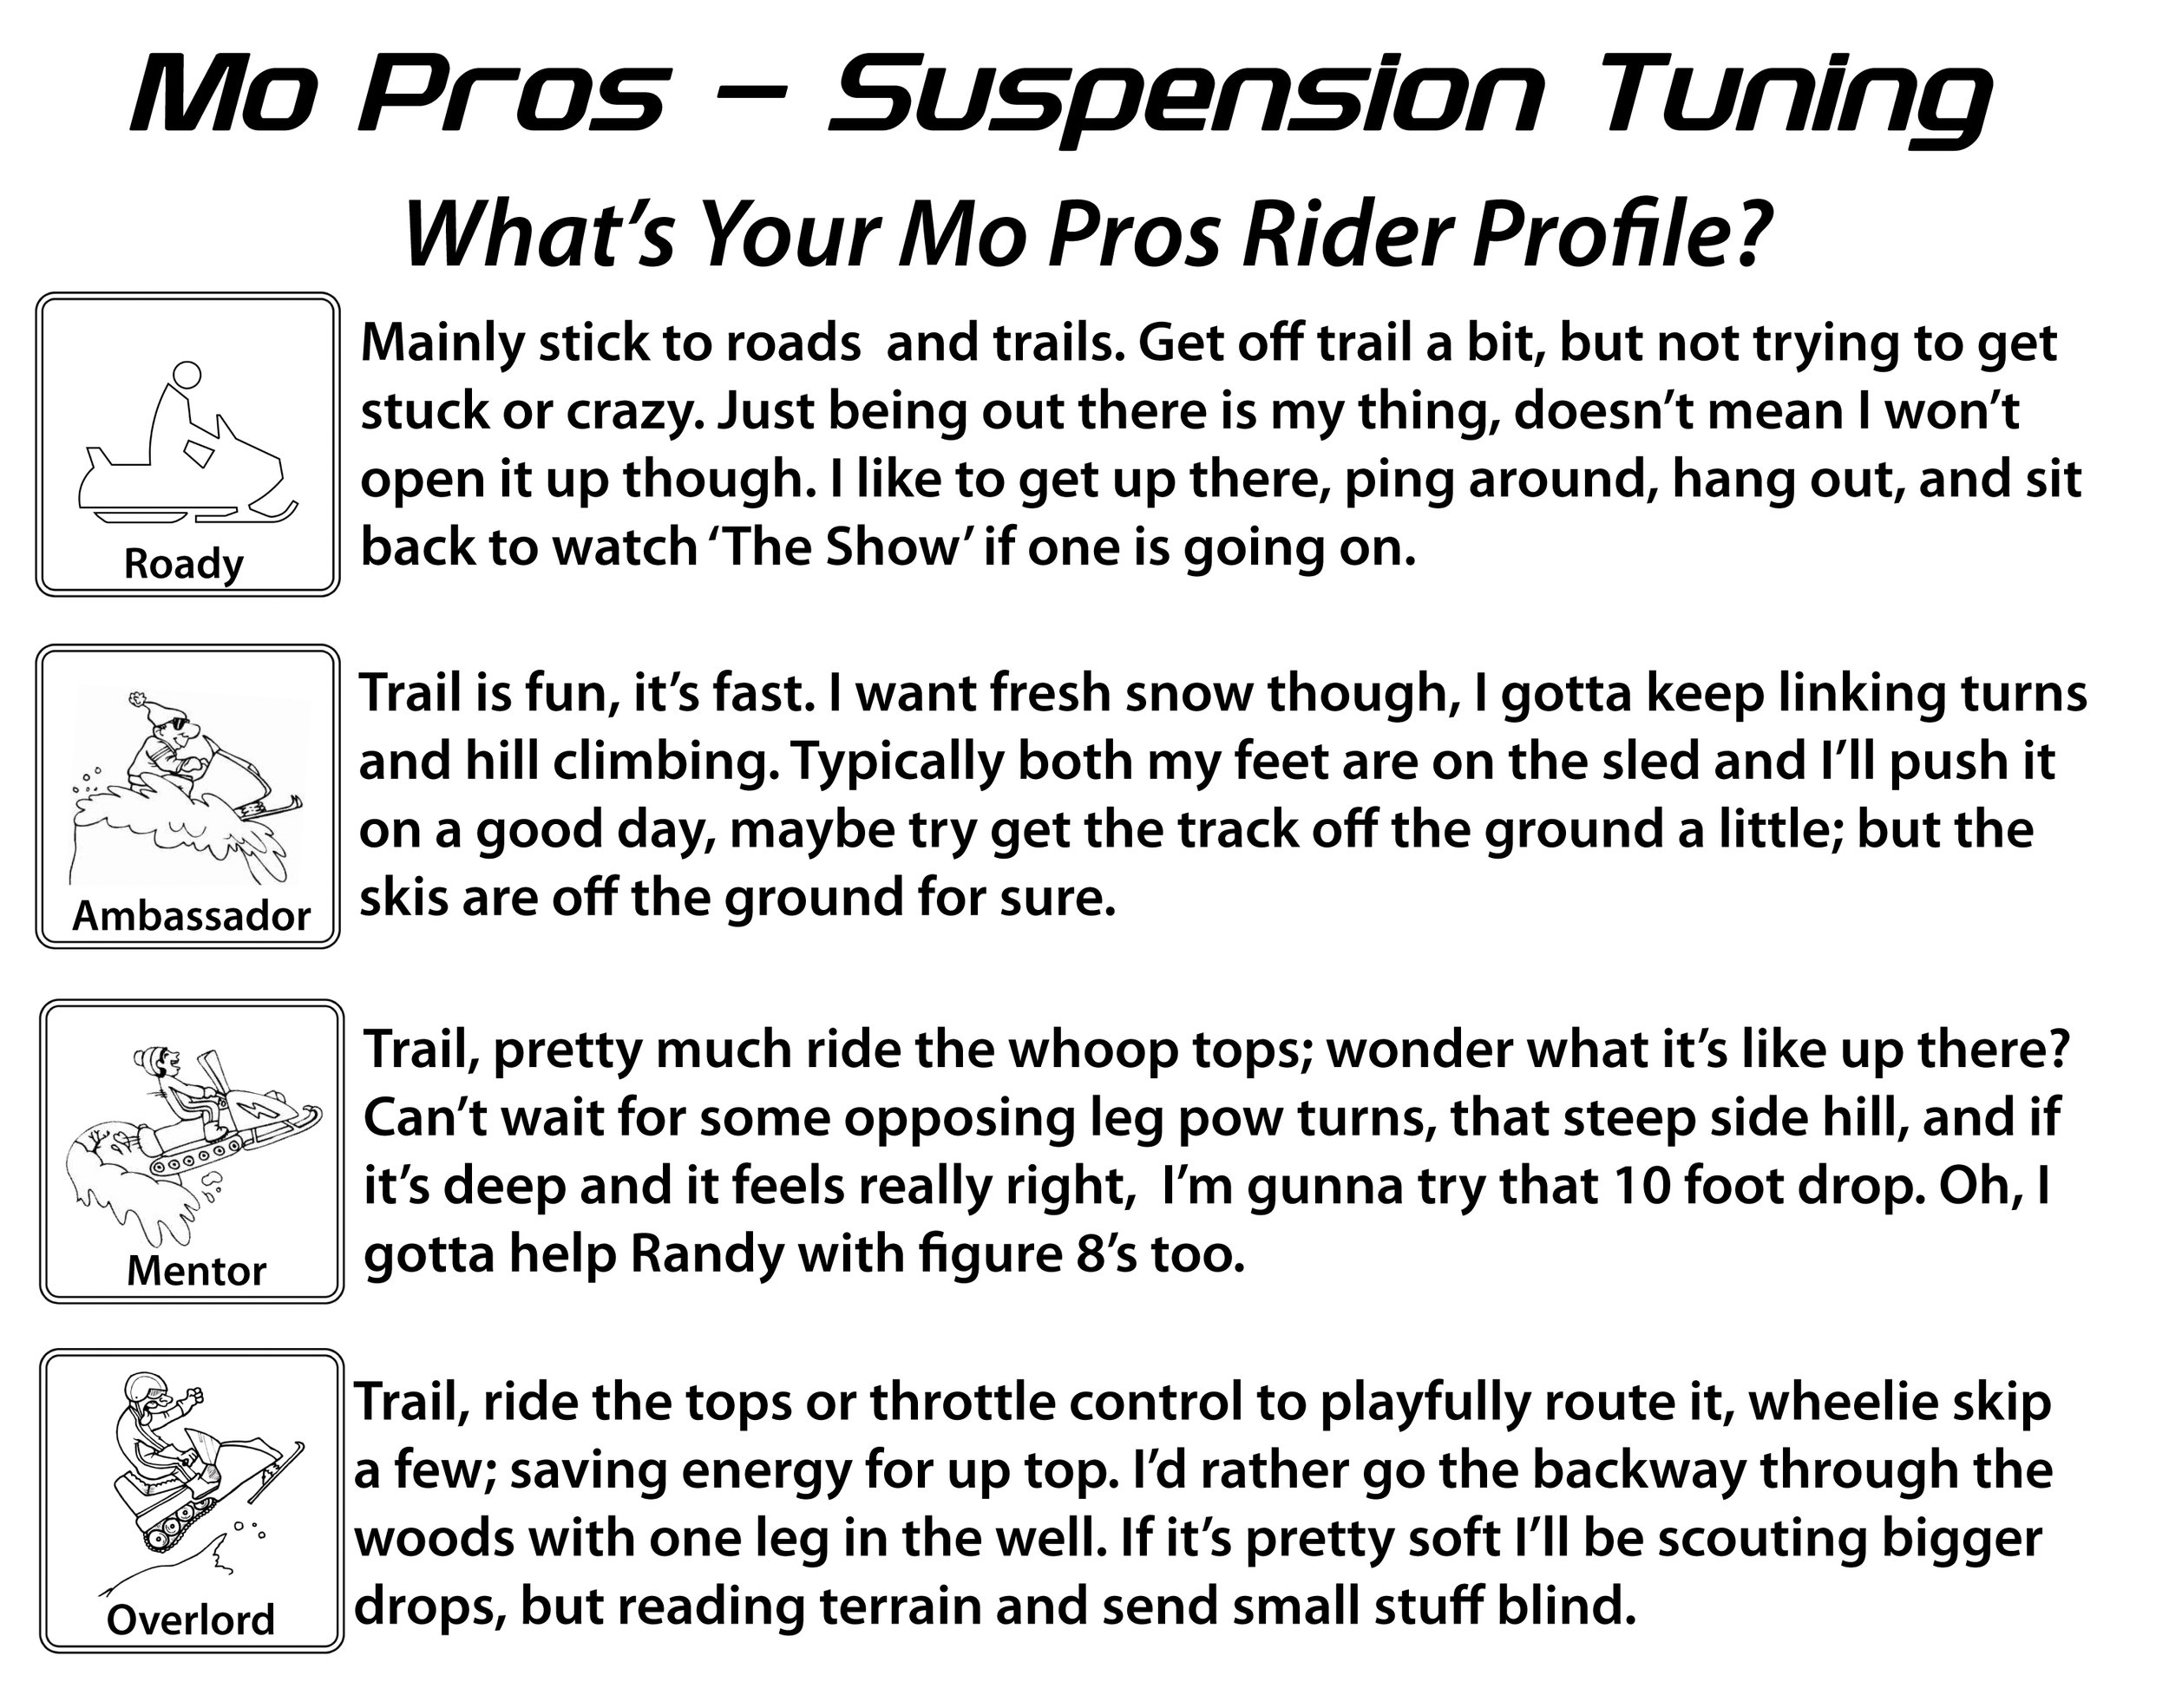 Suspension Tuning Rider Profiles